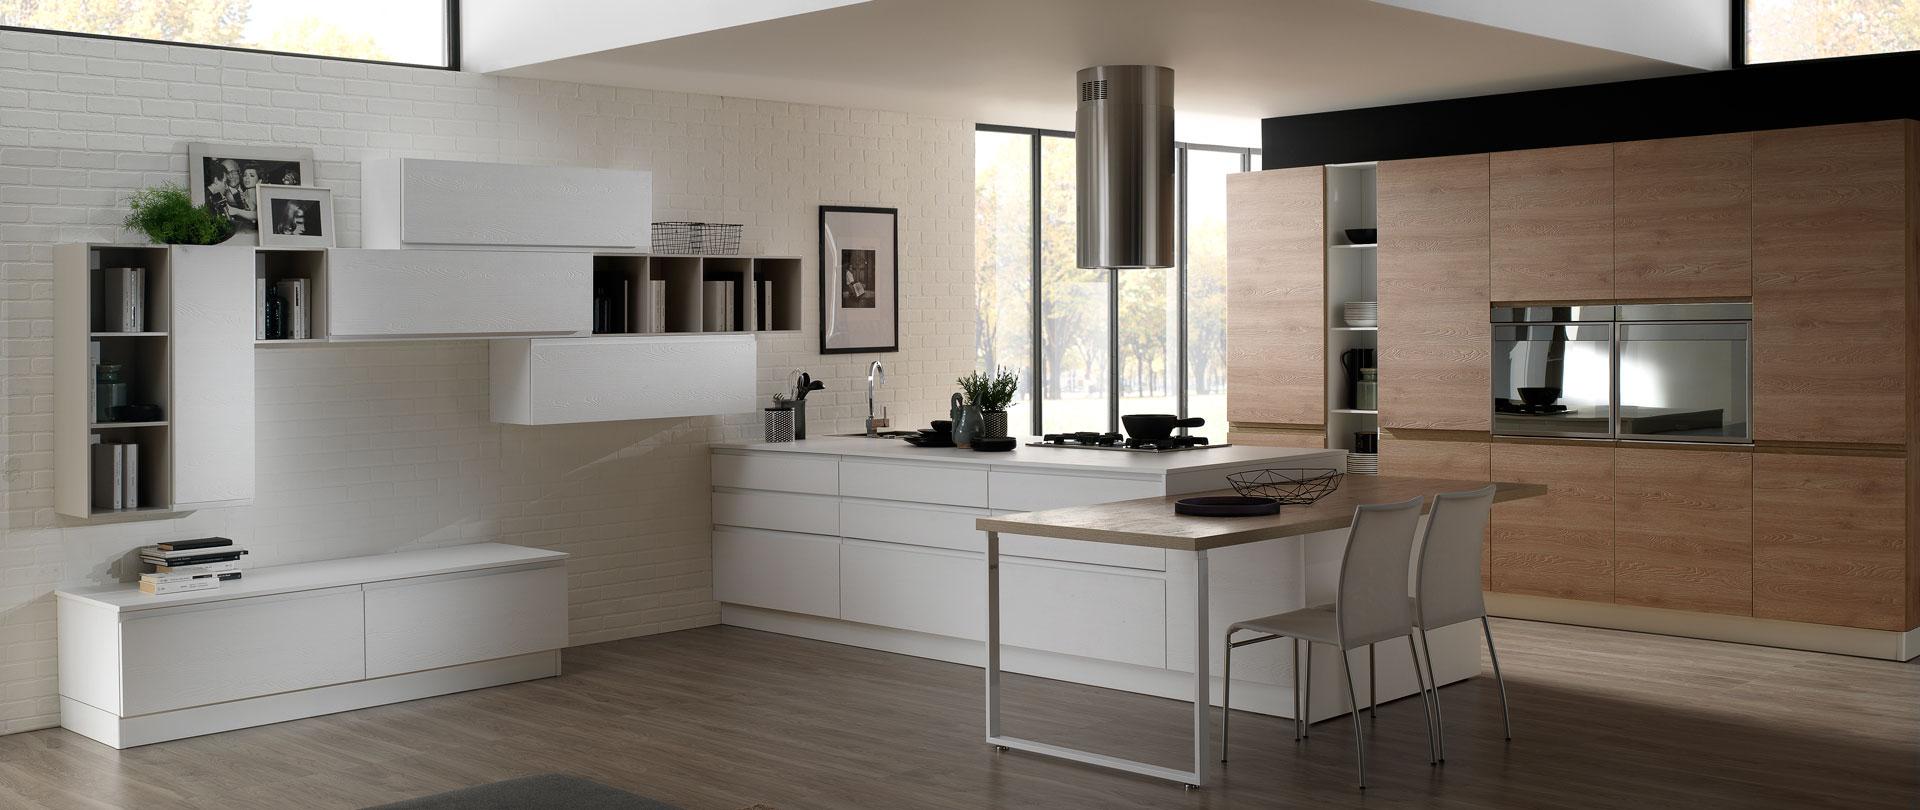 Cucina moderna con maniglia integrata arredook ardea for Casa moderna crotone